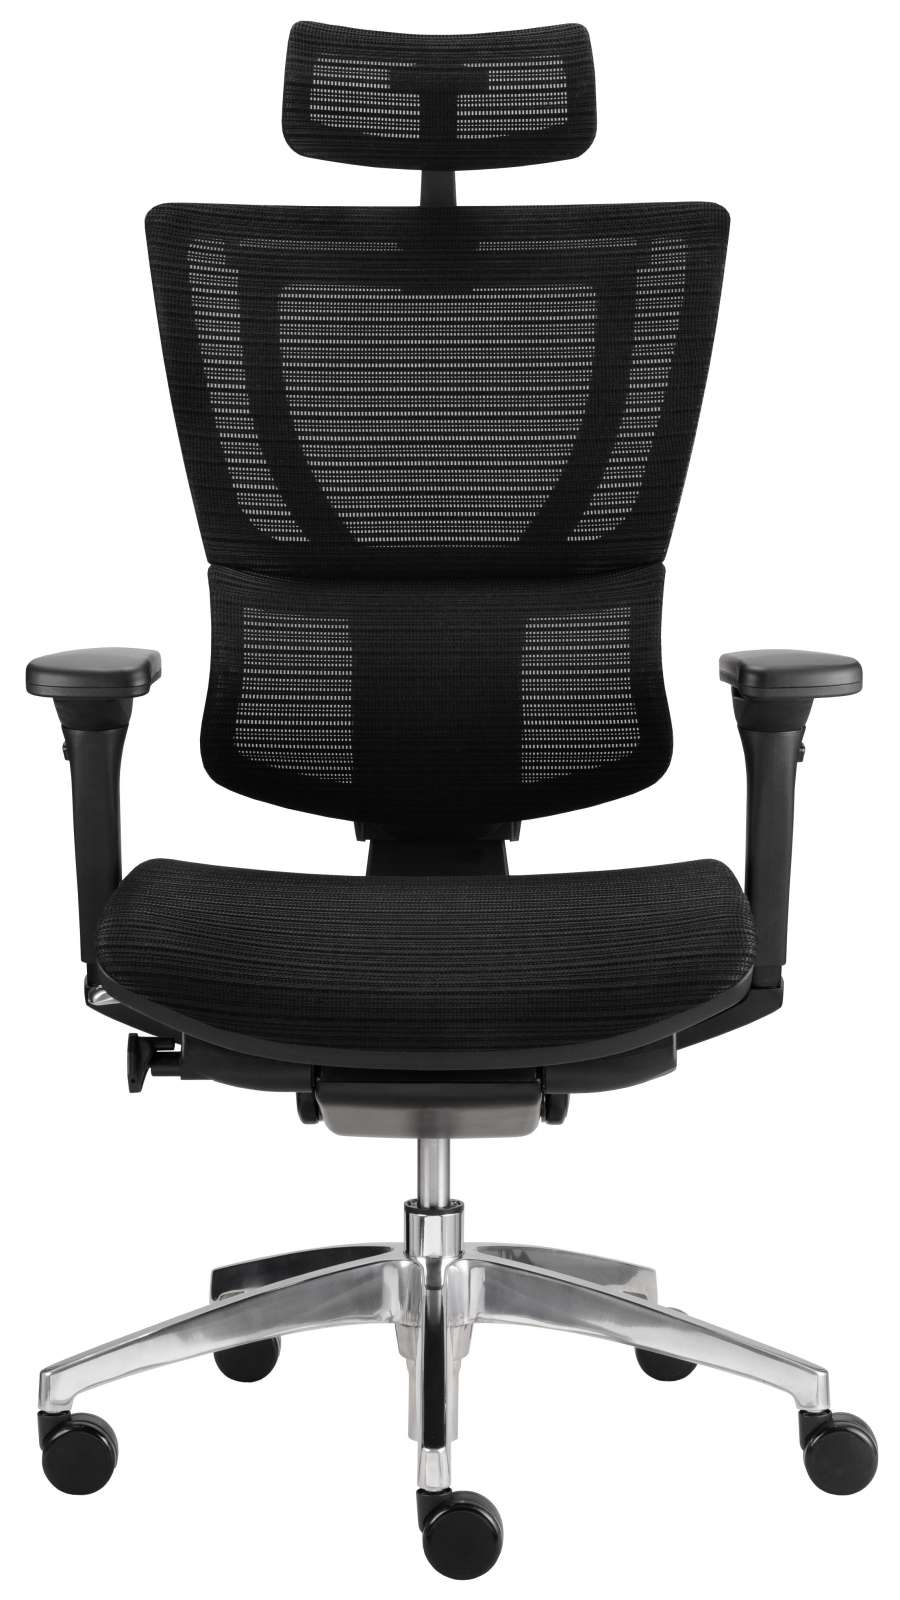 Pohodlné kancelářské křeslo vyšší třídy Joo